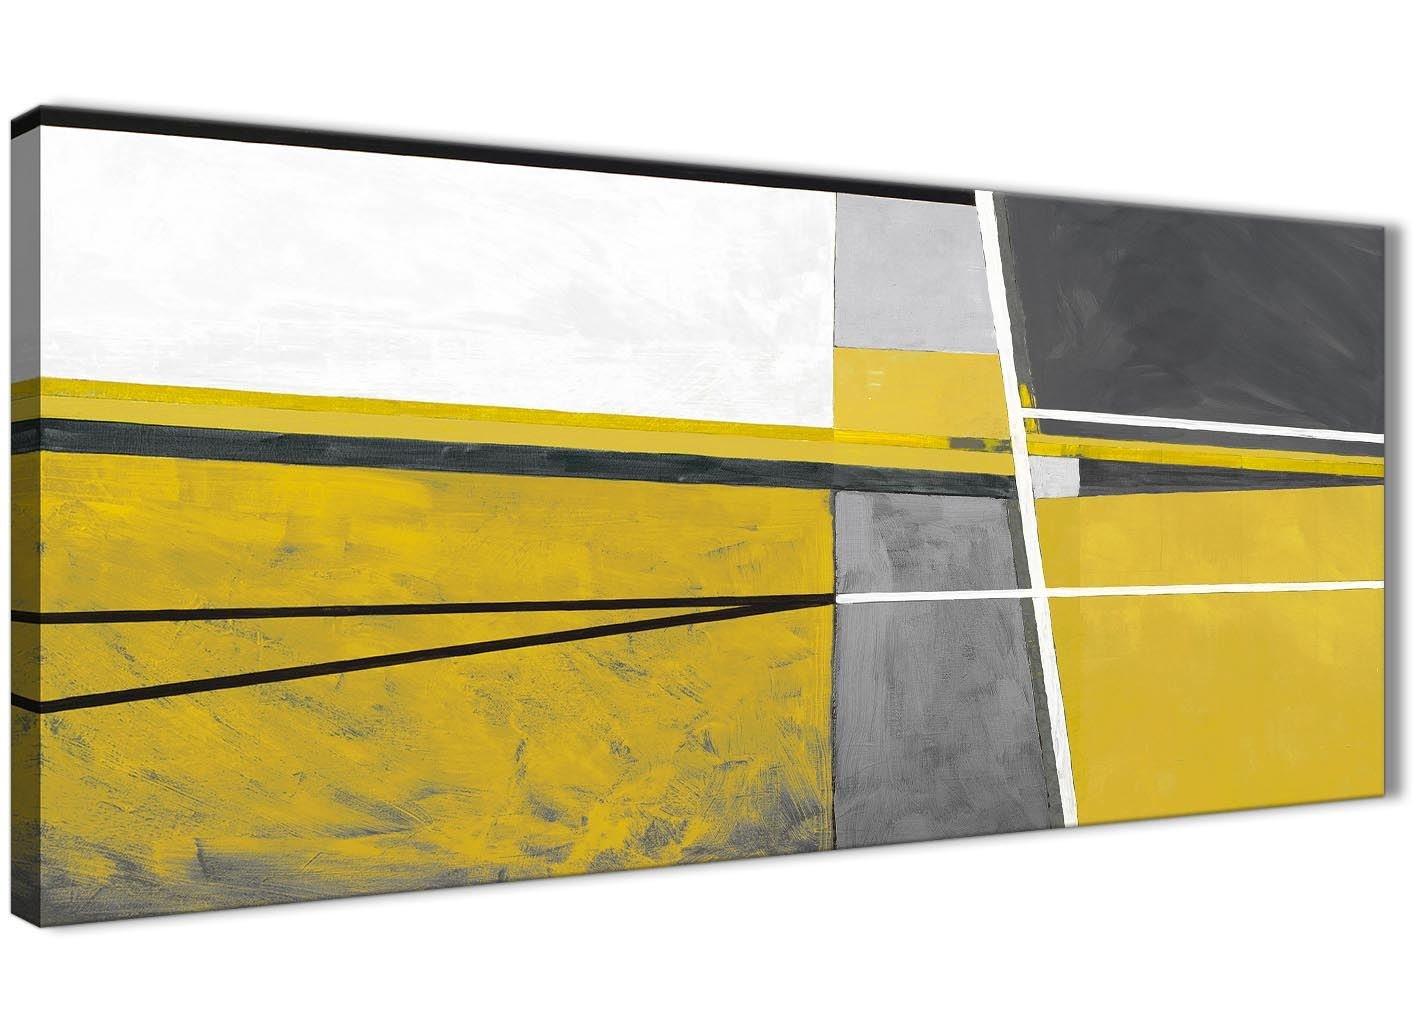 senape giallo grigio pittura soggiorno tela Wall Art Accessories–estratto 1388–120cm stampa Wallfillers